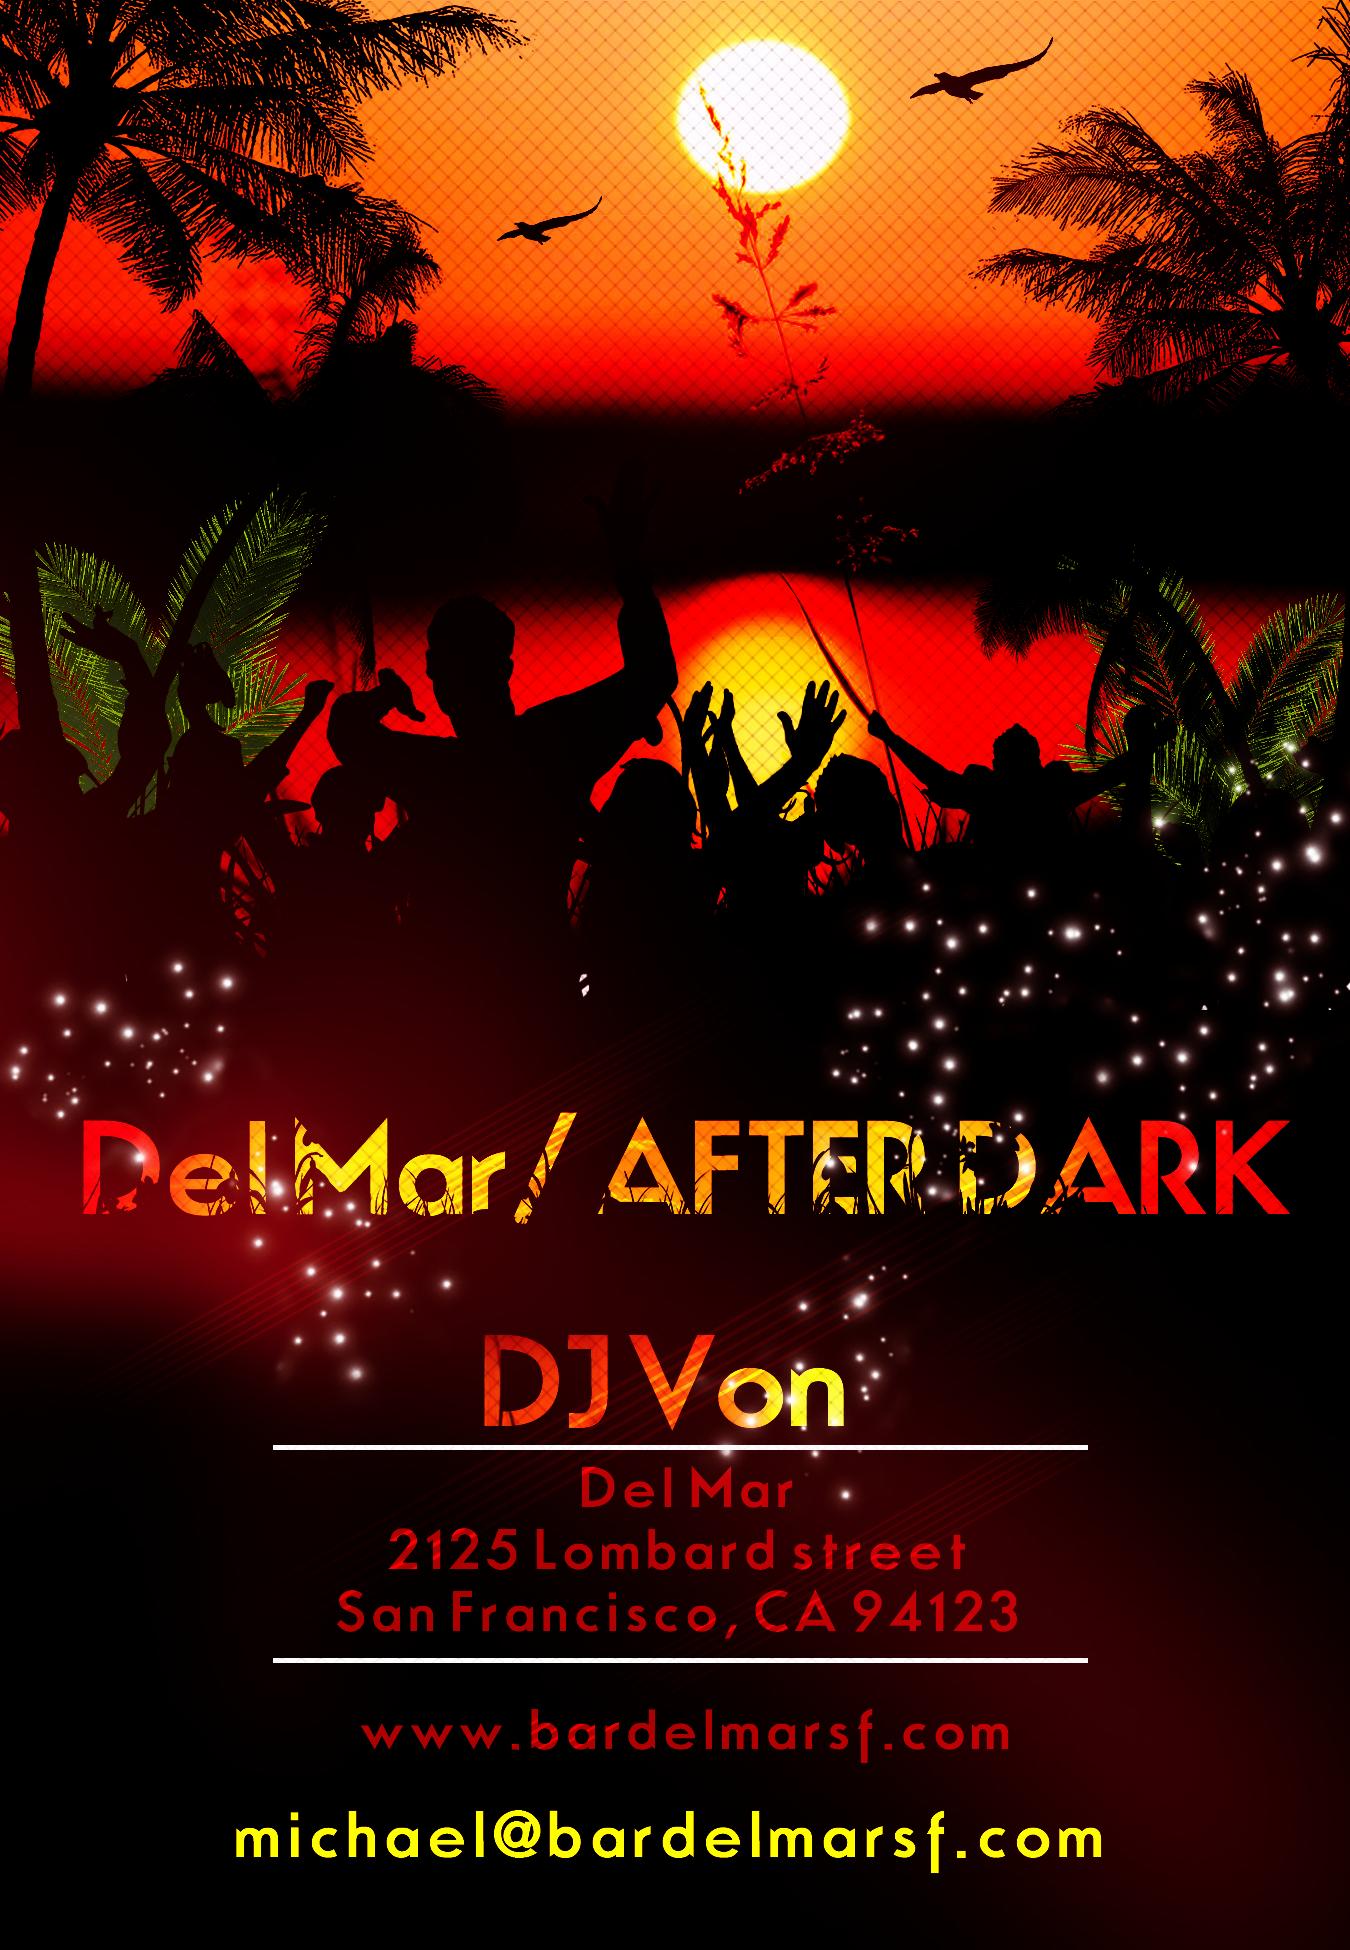 Del Mar After Dark flyer Dj Von.jpg